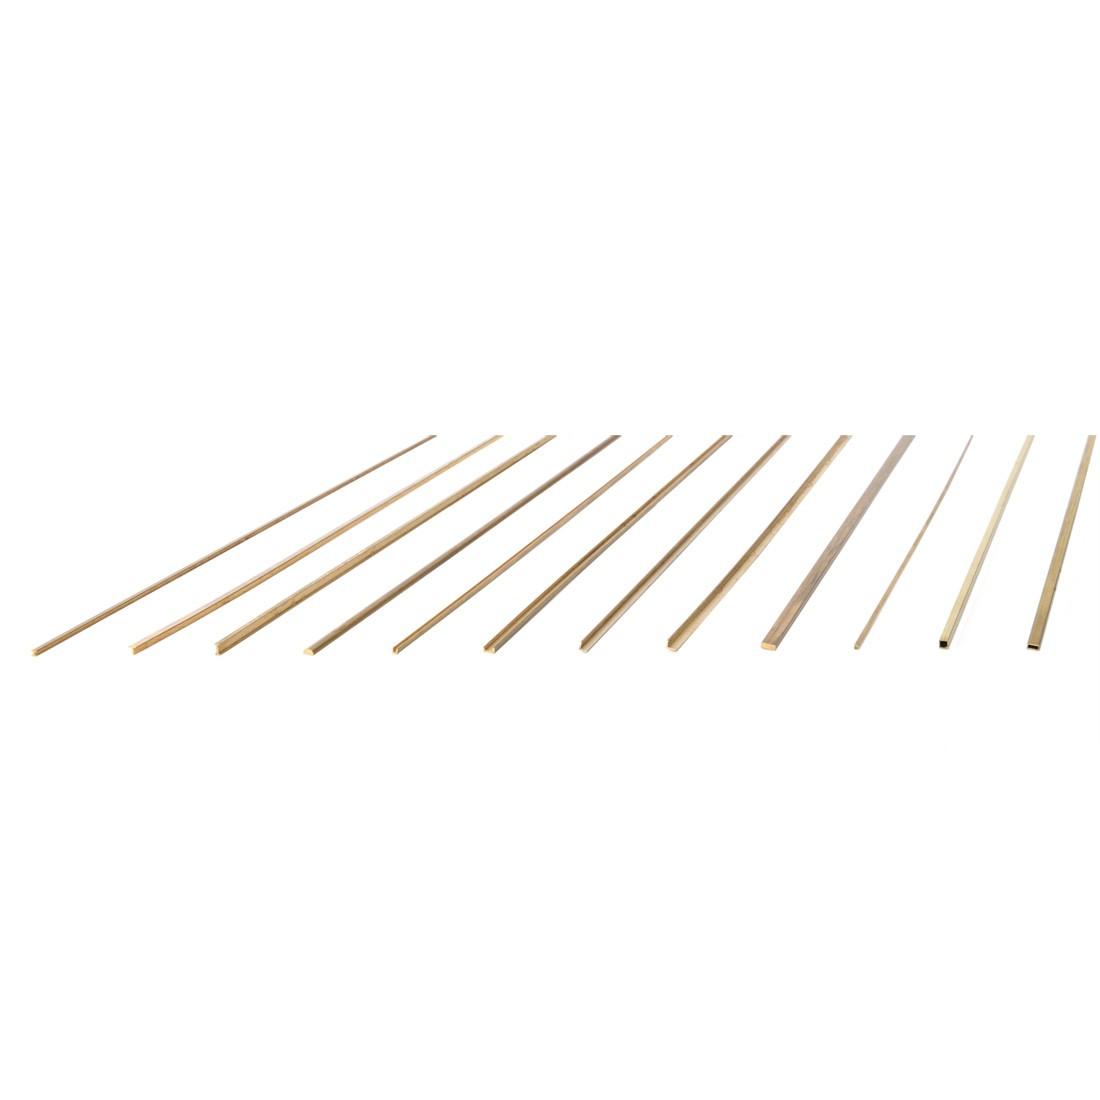 Micro profils laiton 4x4x0,3